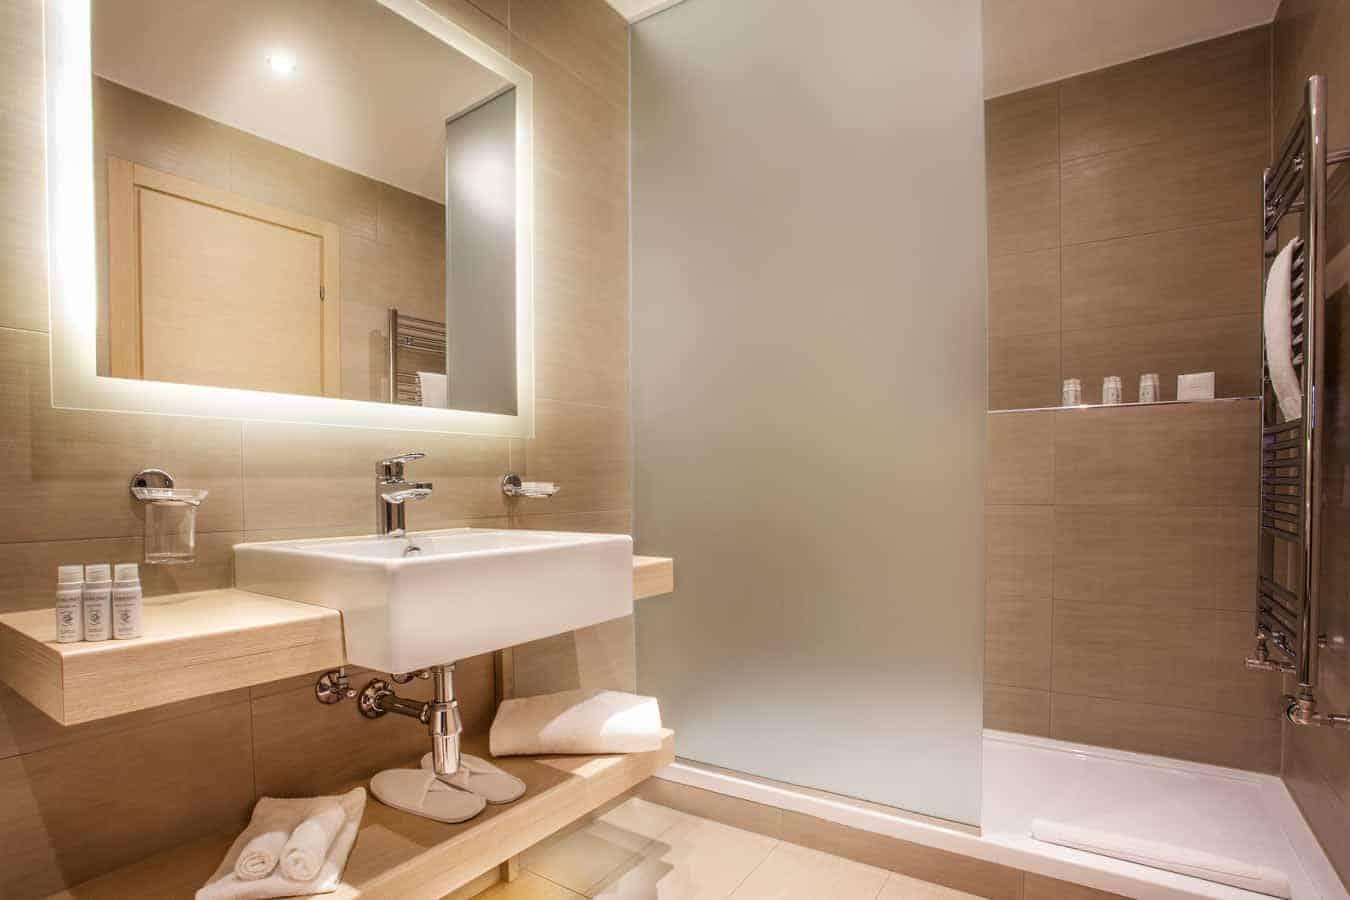 Profiter d'une des magnifiques salle de bains au Starling résidence a geneve